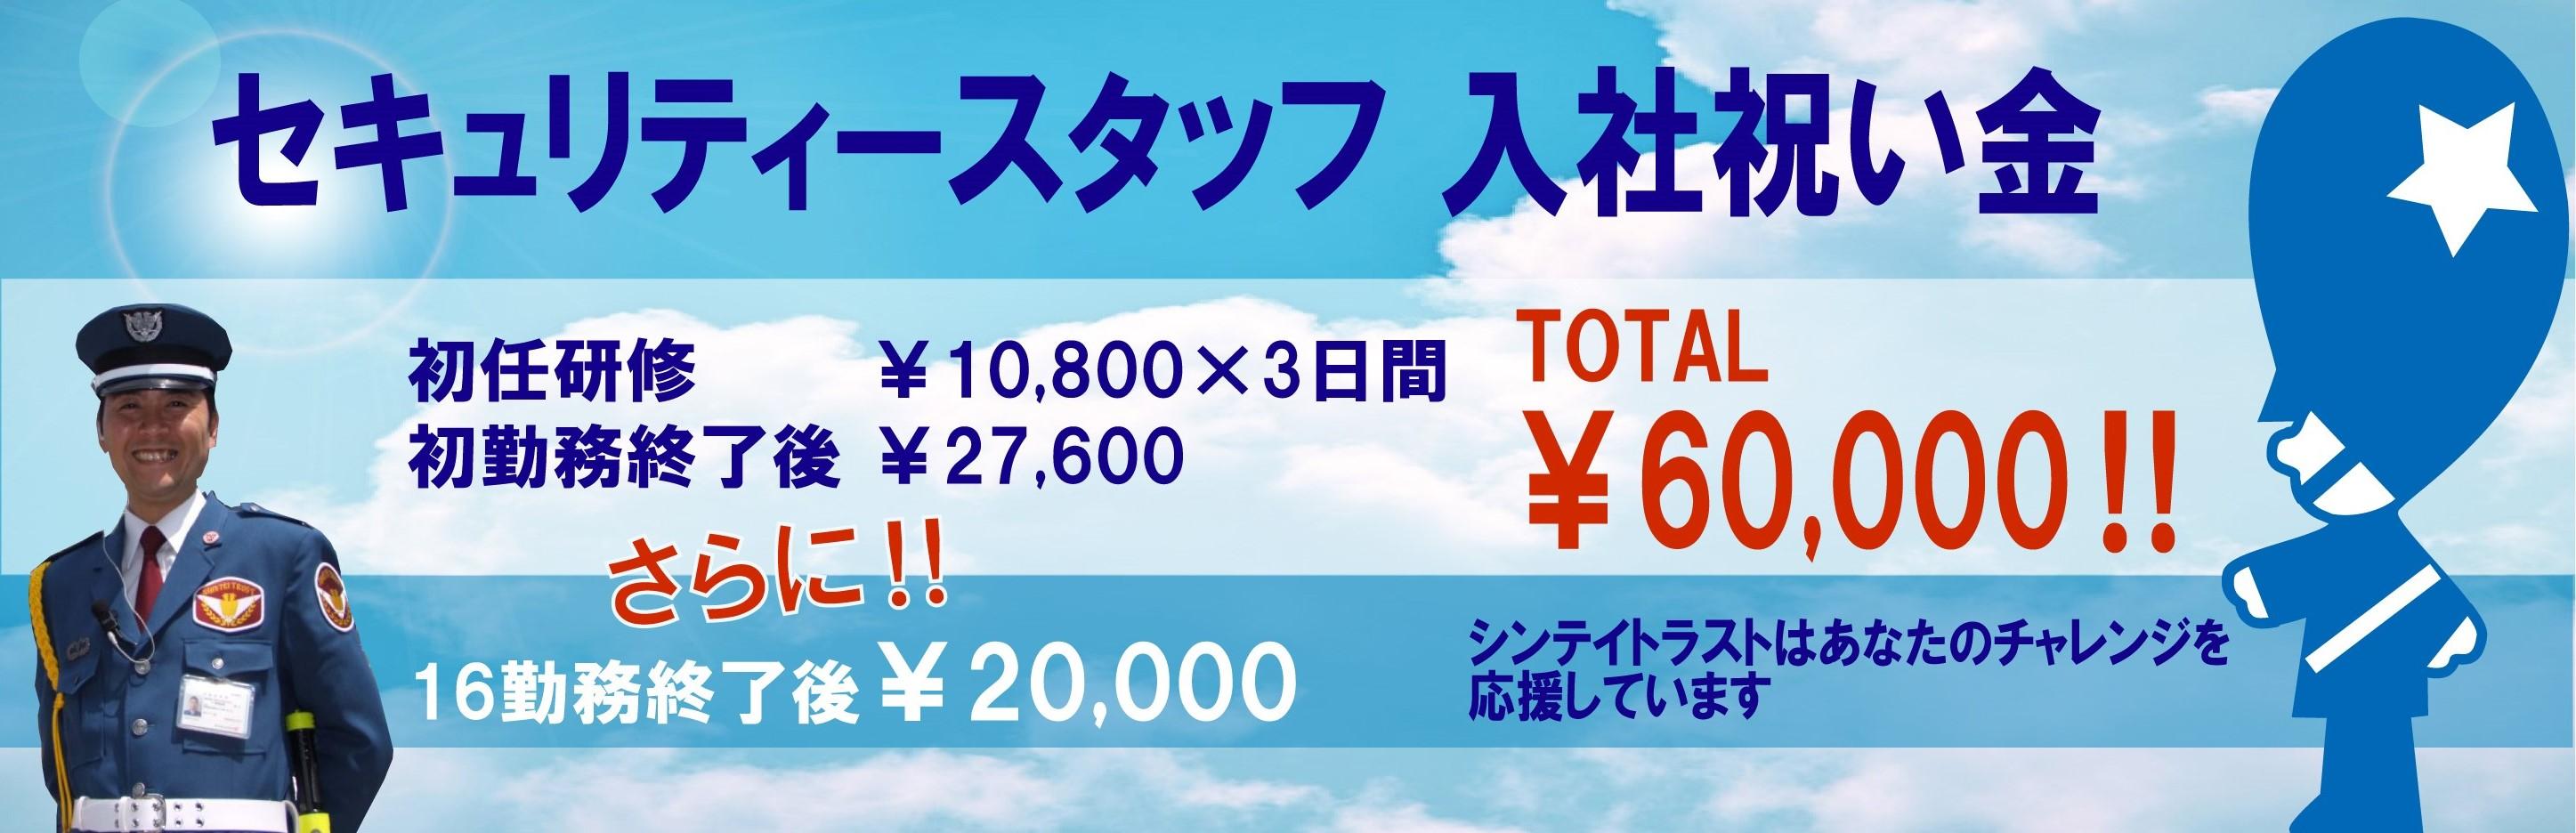 祝い金6万円version